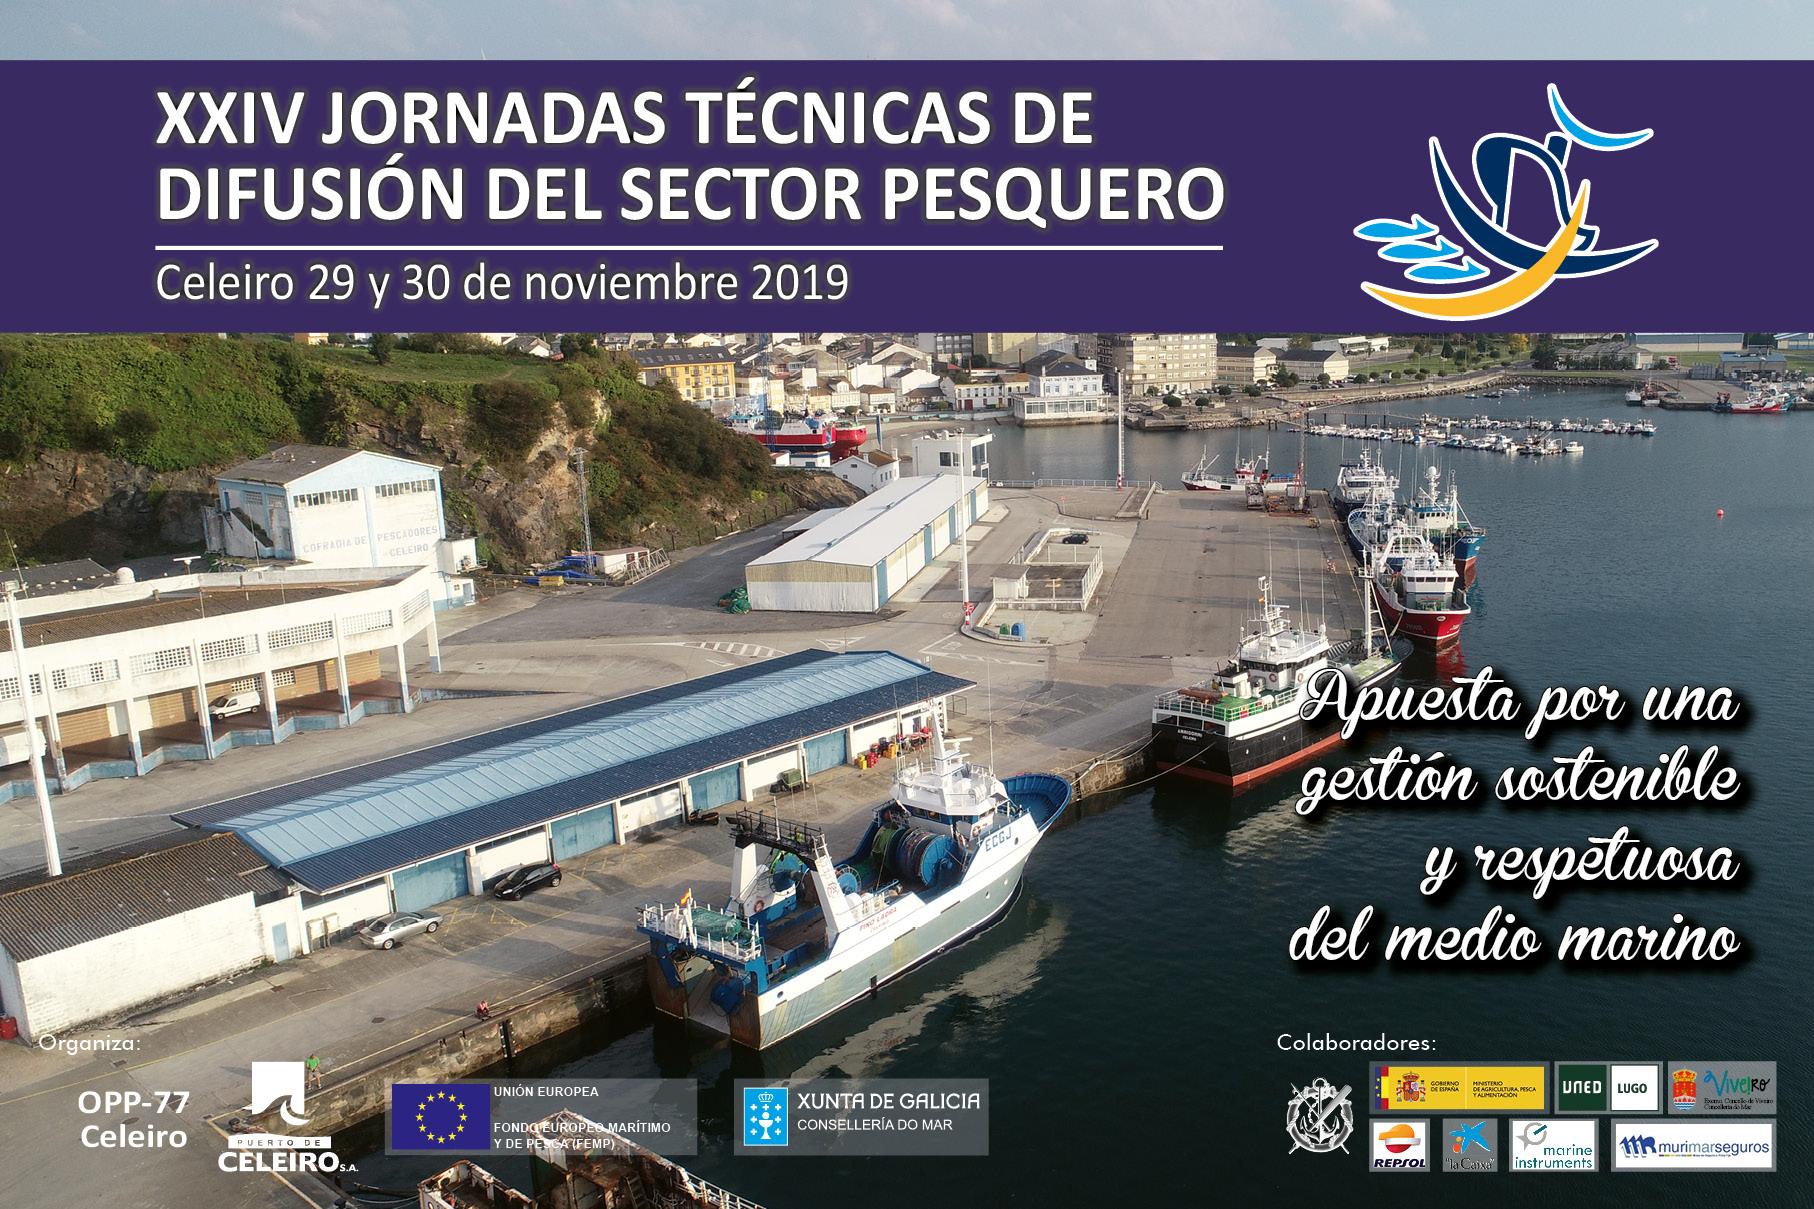 jornadas técnicas, celeiro, campus do mar